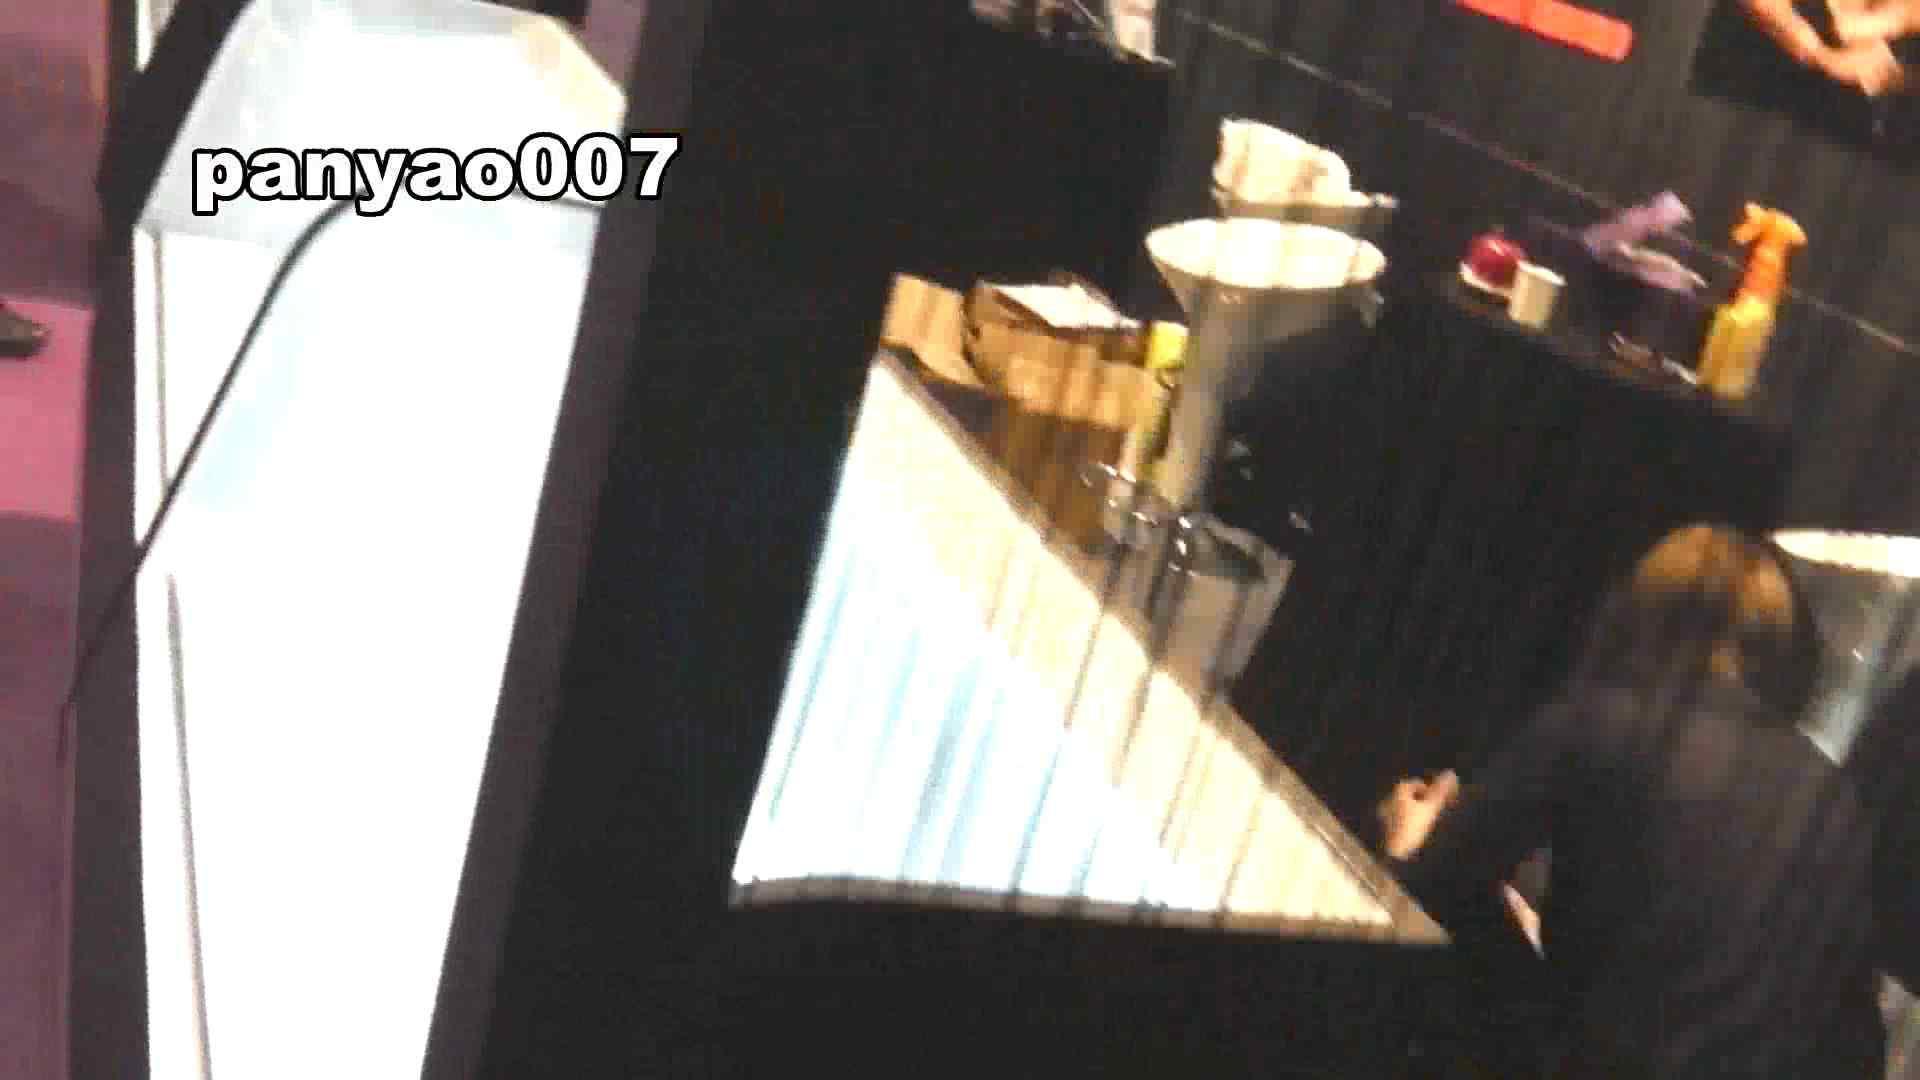 日本成人用品展览会。vol.07 照射実験 着替え のぞきおめこ無修正画像 112PICs 26